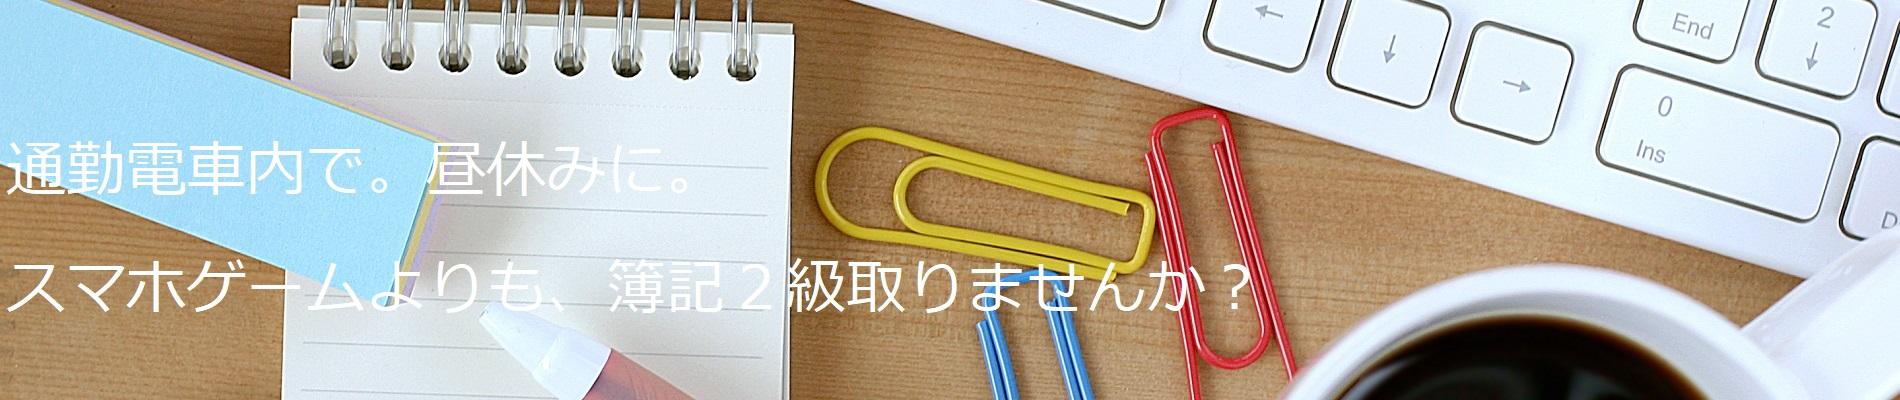 日商簿記2級合格徹底応援サイト!スキマ時間で簿記2級!